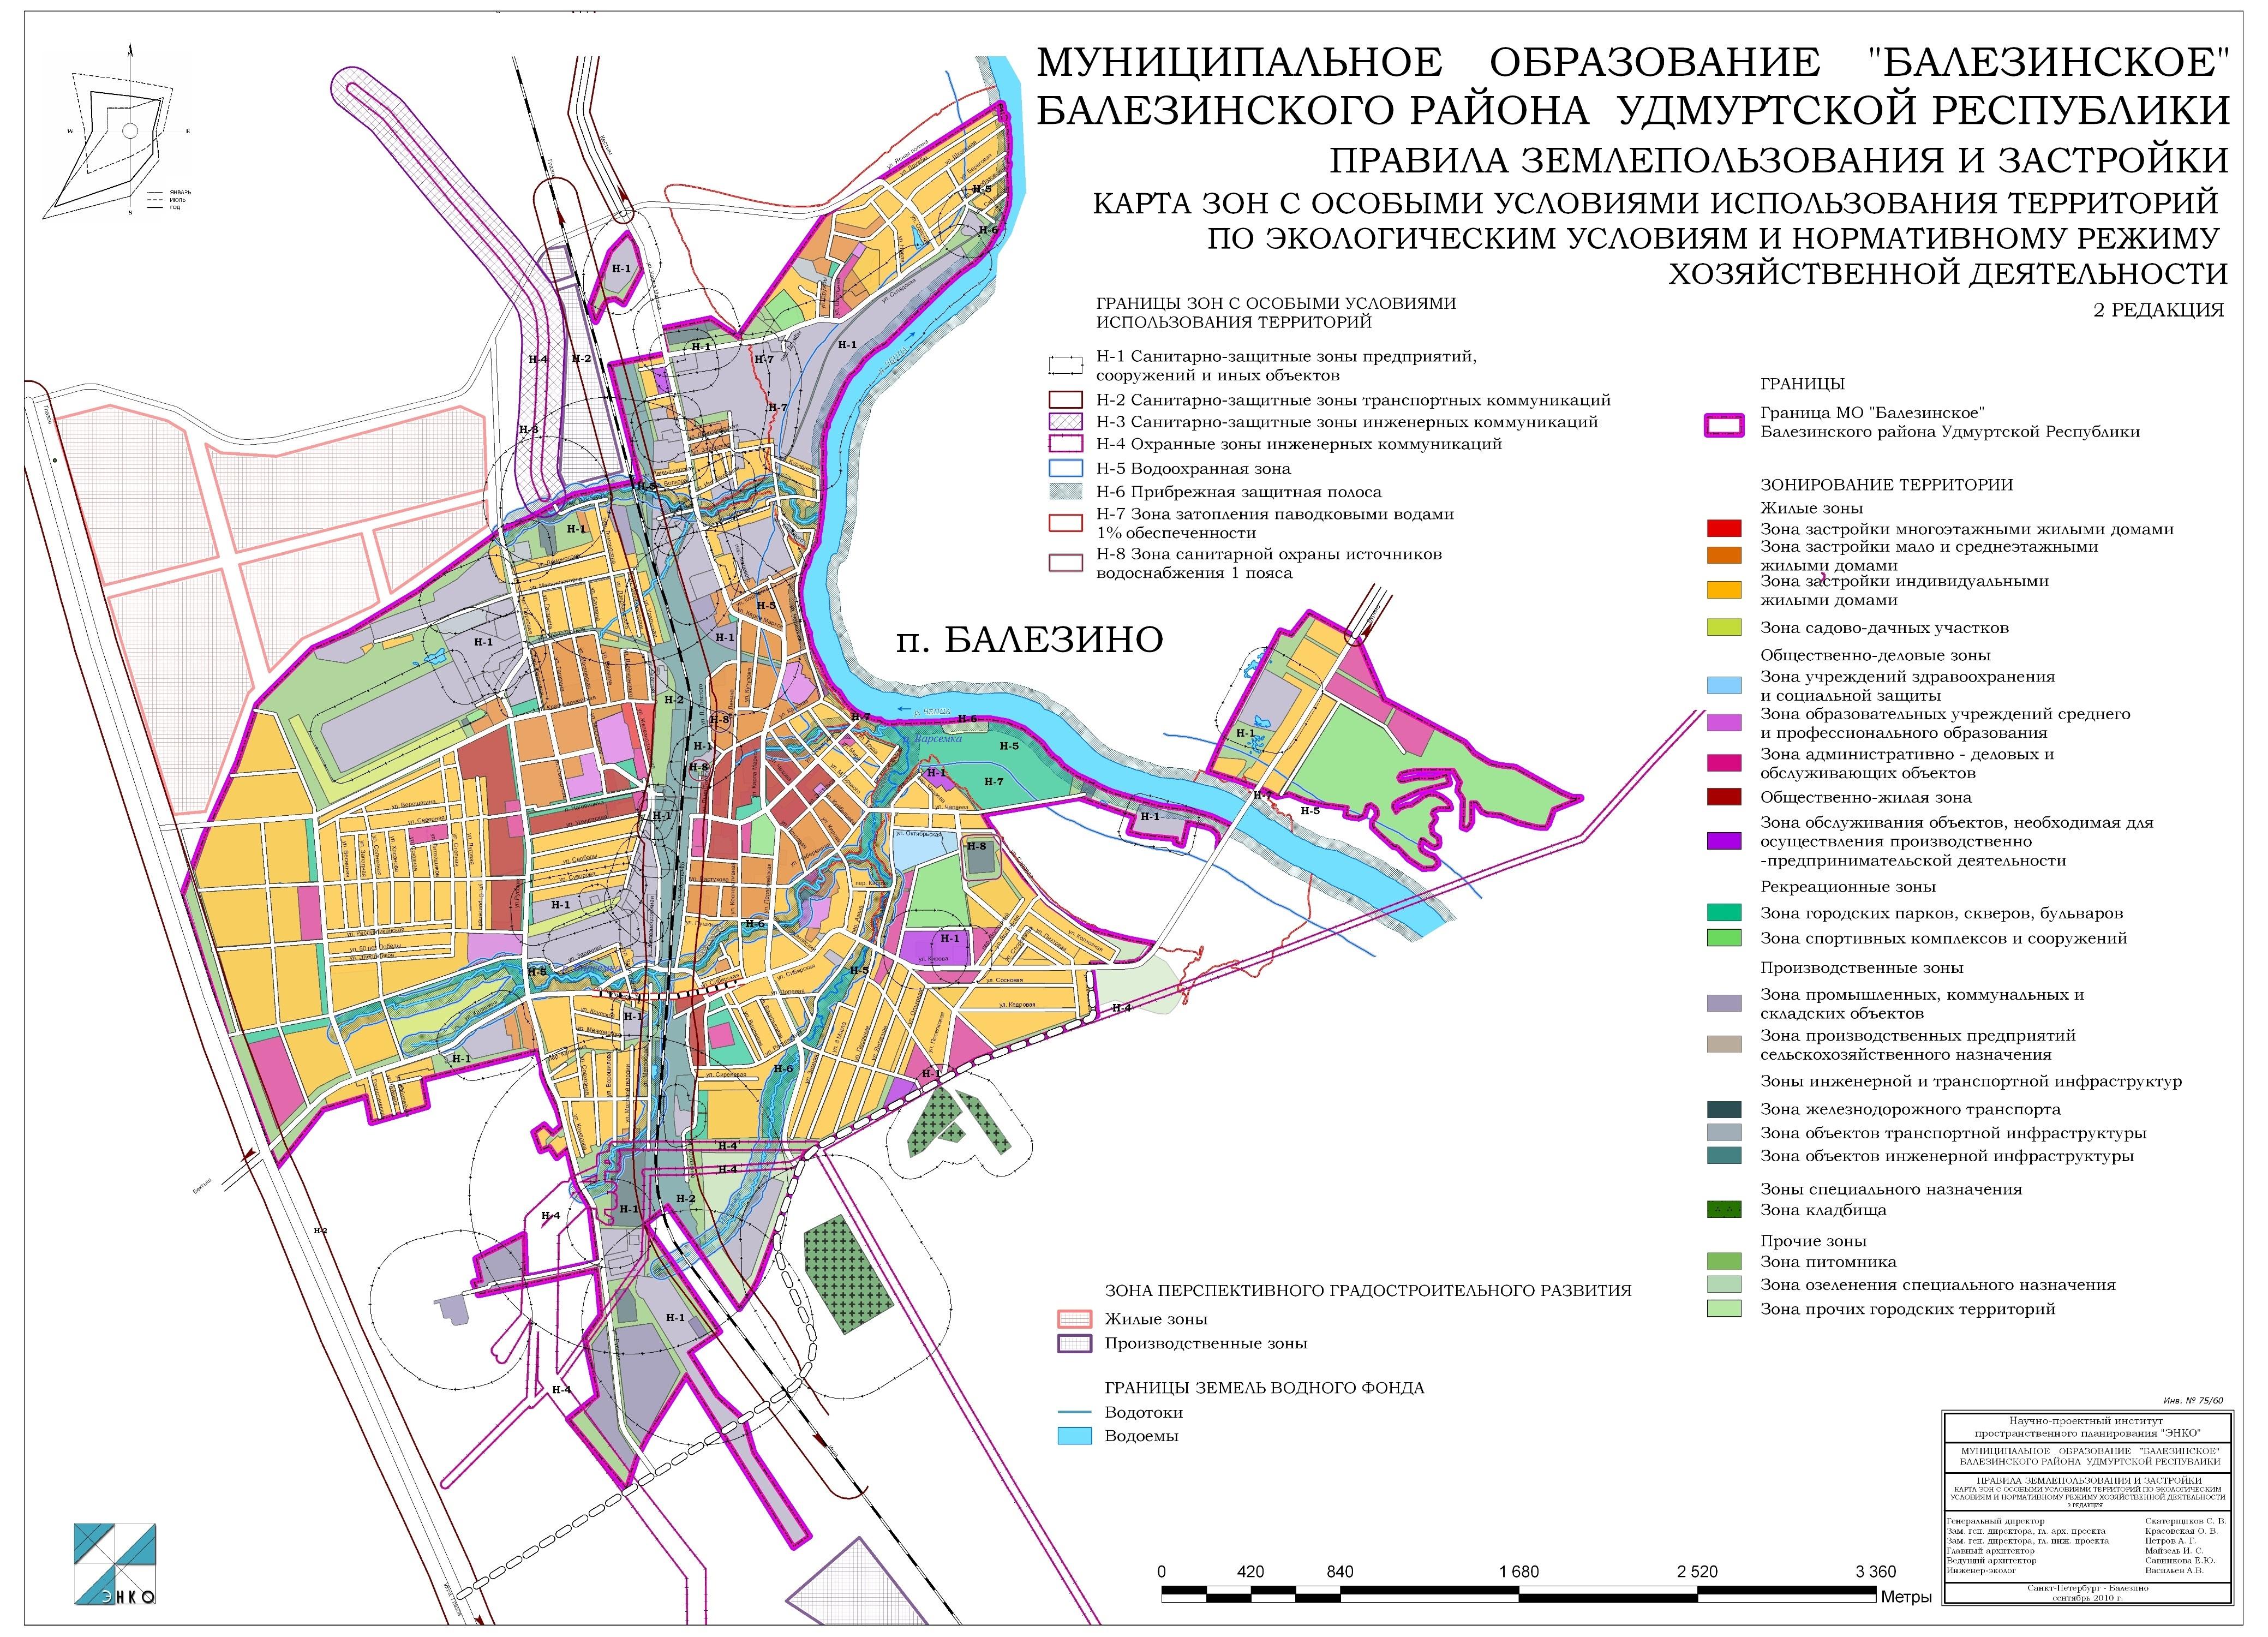 Охранная зона водопровода: пояса, определение границ, мероприятия и ответственность